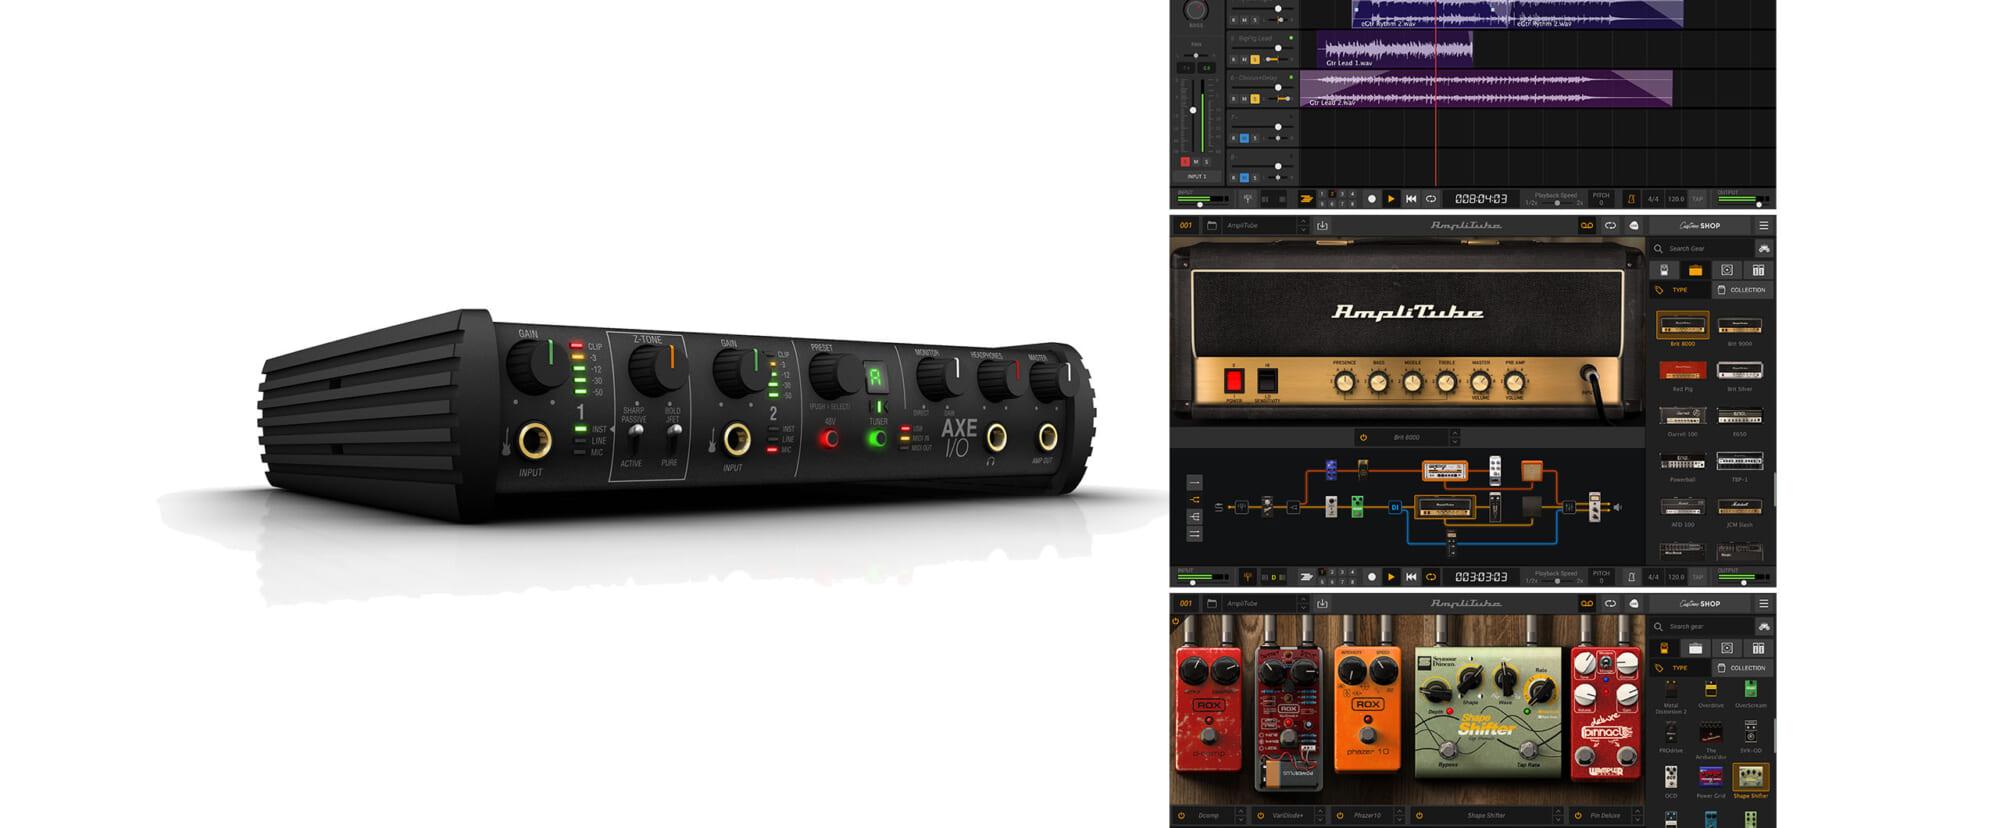 ギタリストに嬉しいバンドル製品IK Multimedia AXE I/O+AmpliTube 5 MAX Bundle